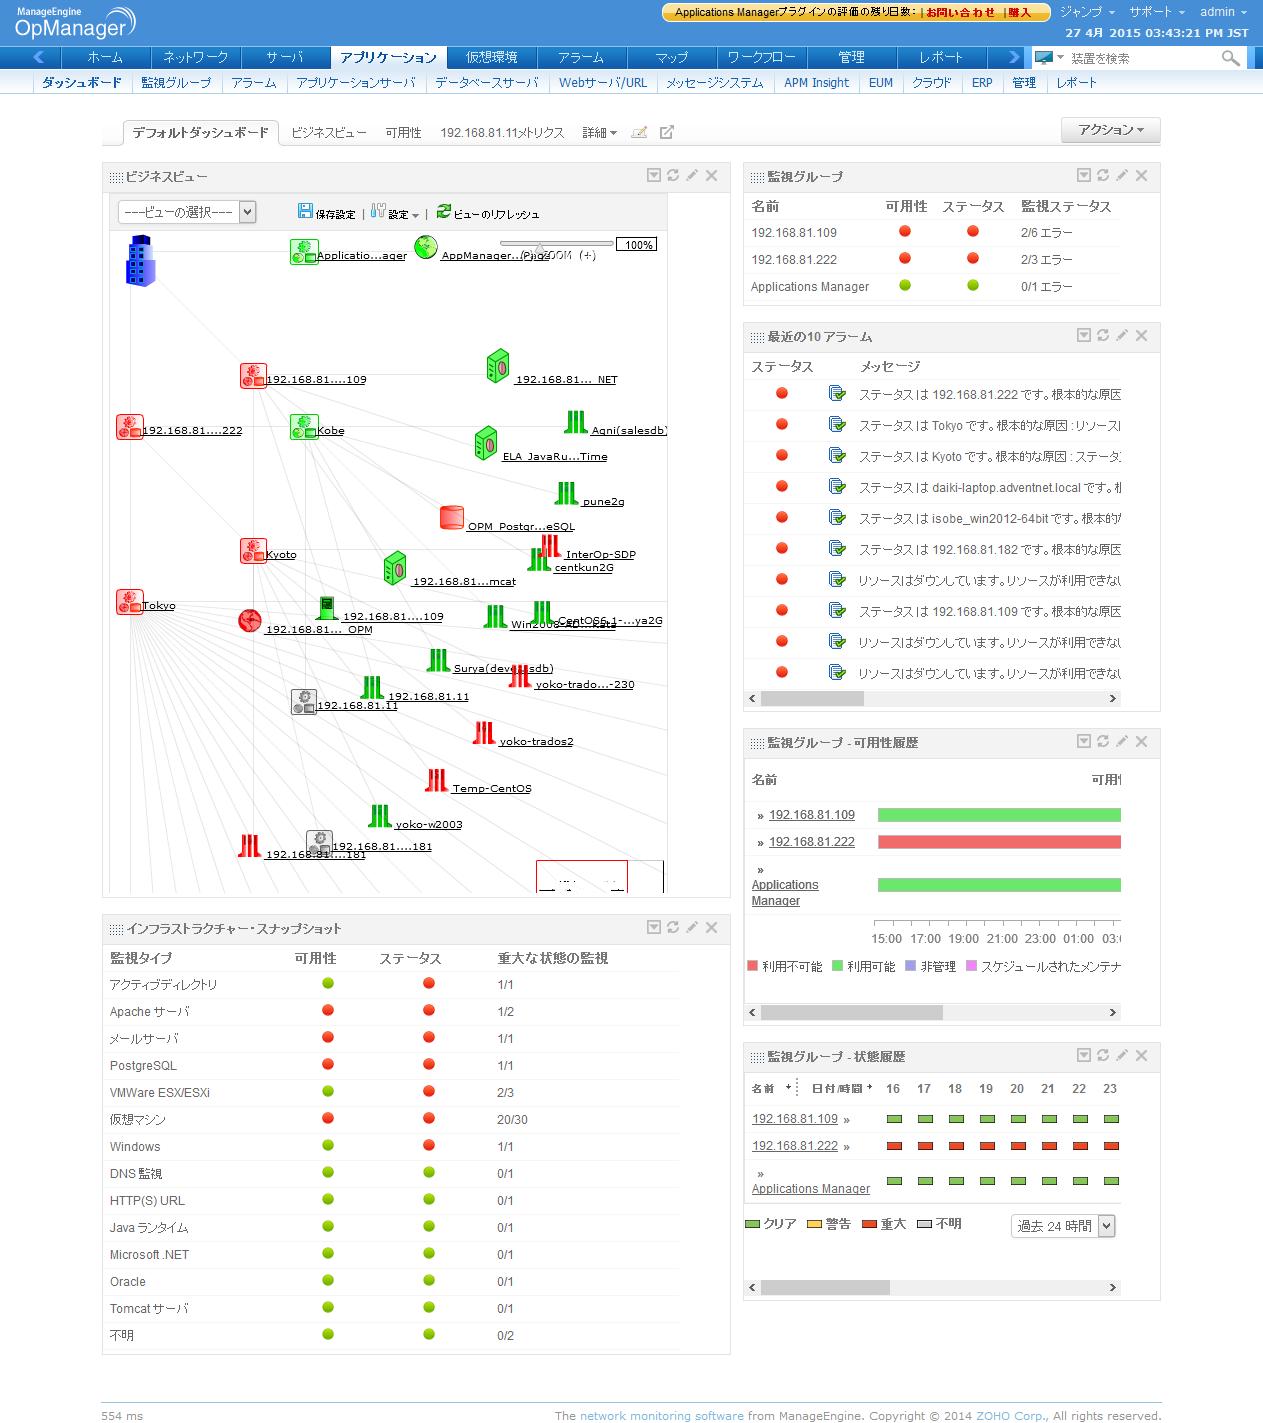 アプリケーション監視機能ダッシュボード画面